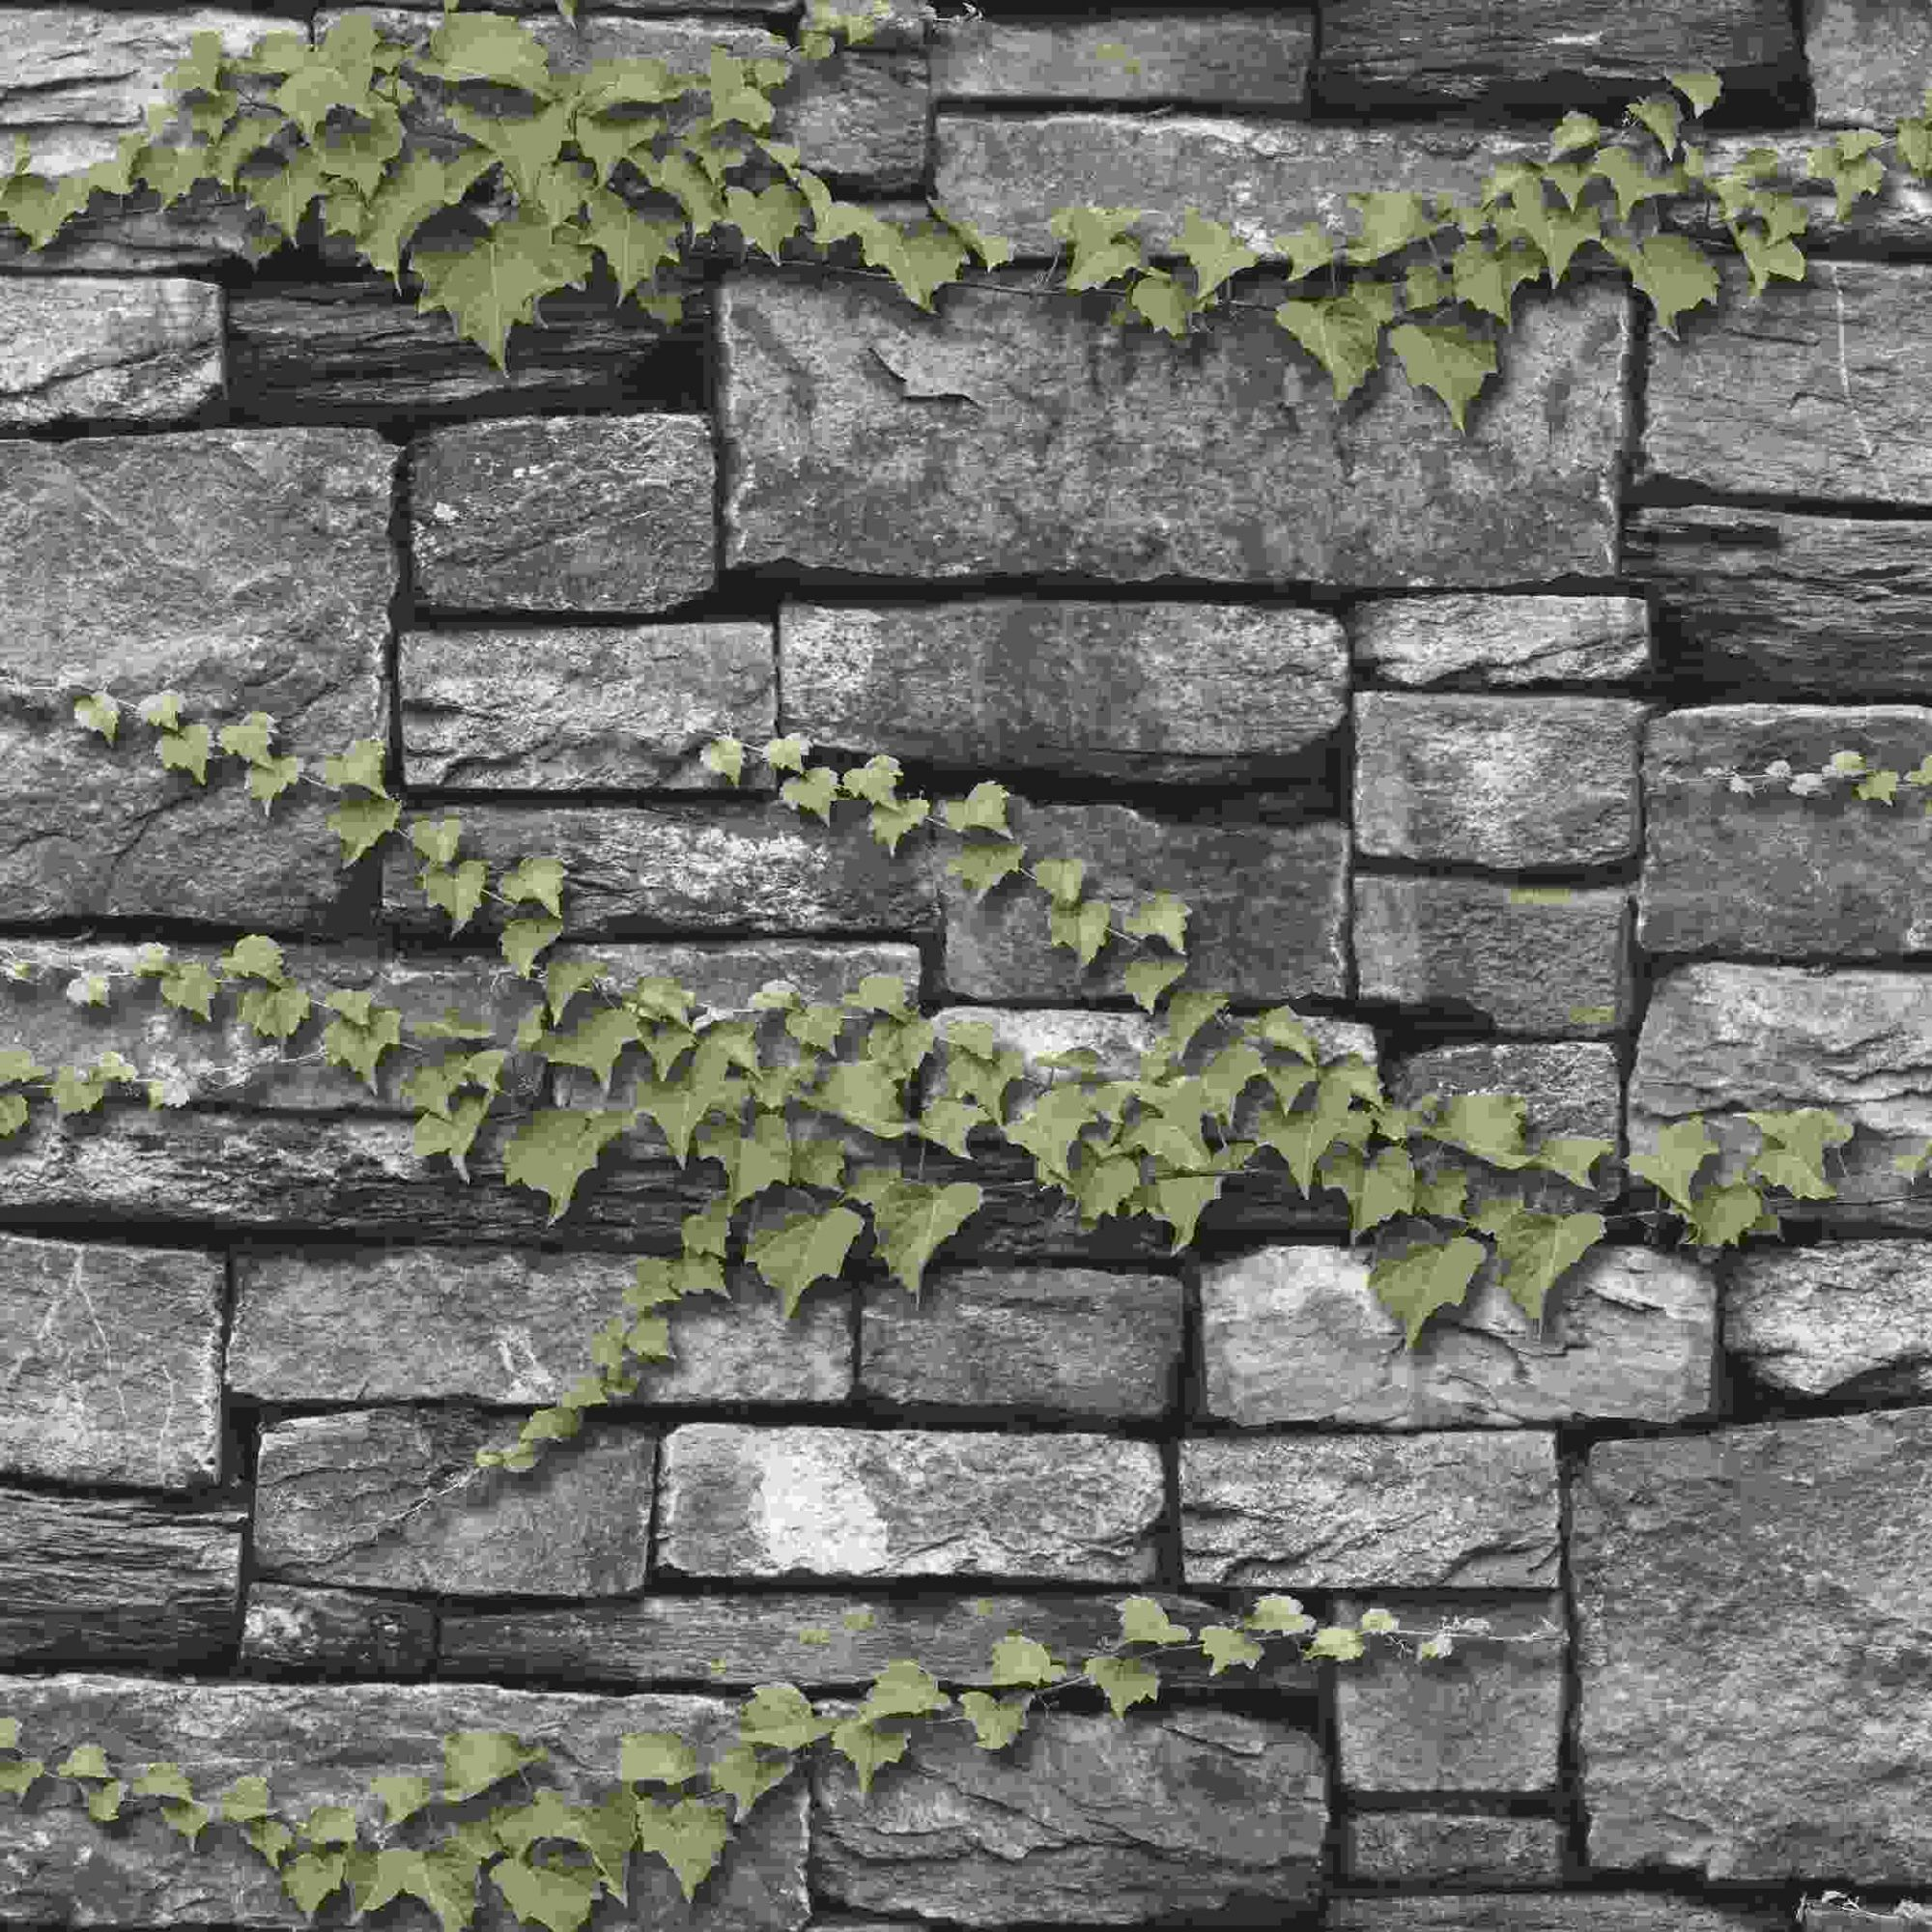 Papel de Parede Kan Tai Vinílico Coleção Neonature 5 Pedra Tons cinza, Folhagem Verde